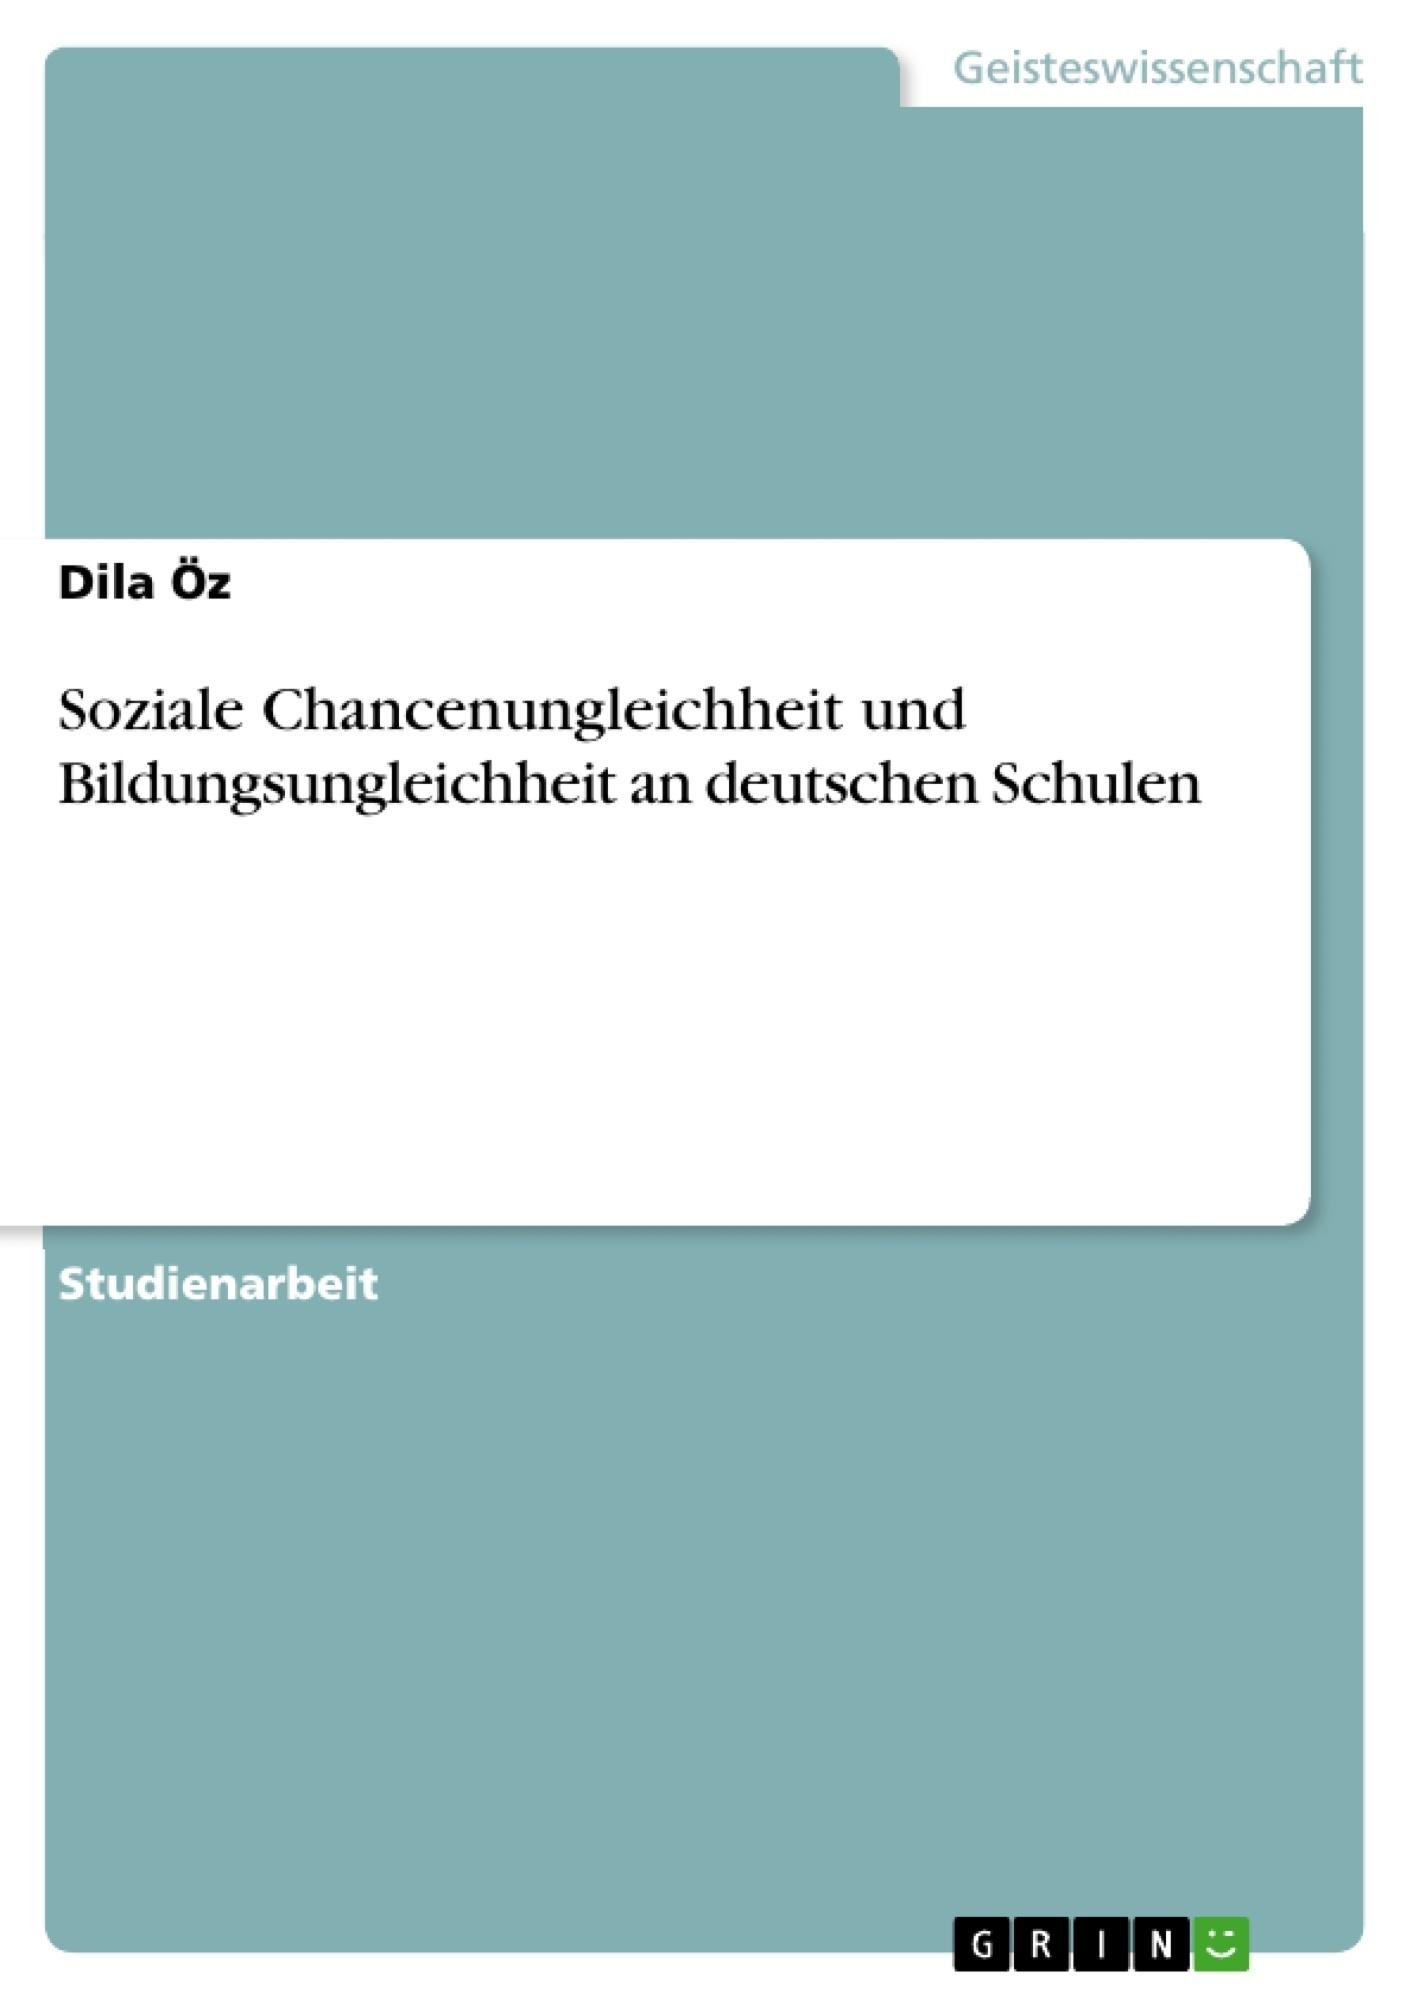 Titel: Soziale Chancenungleichheit und Bildungsungleichheit an deutschen Schulen